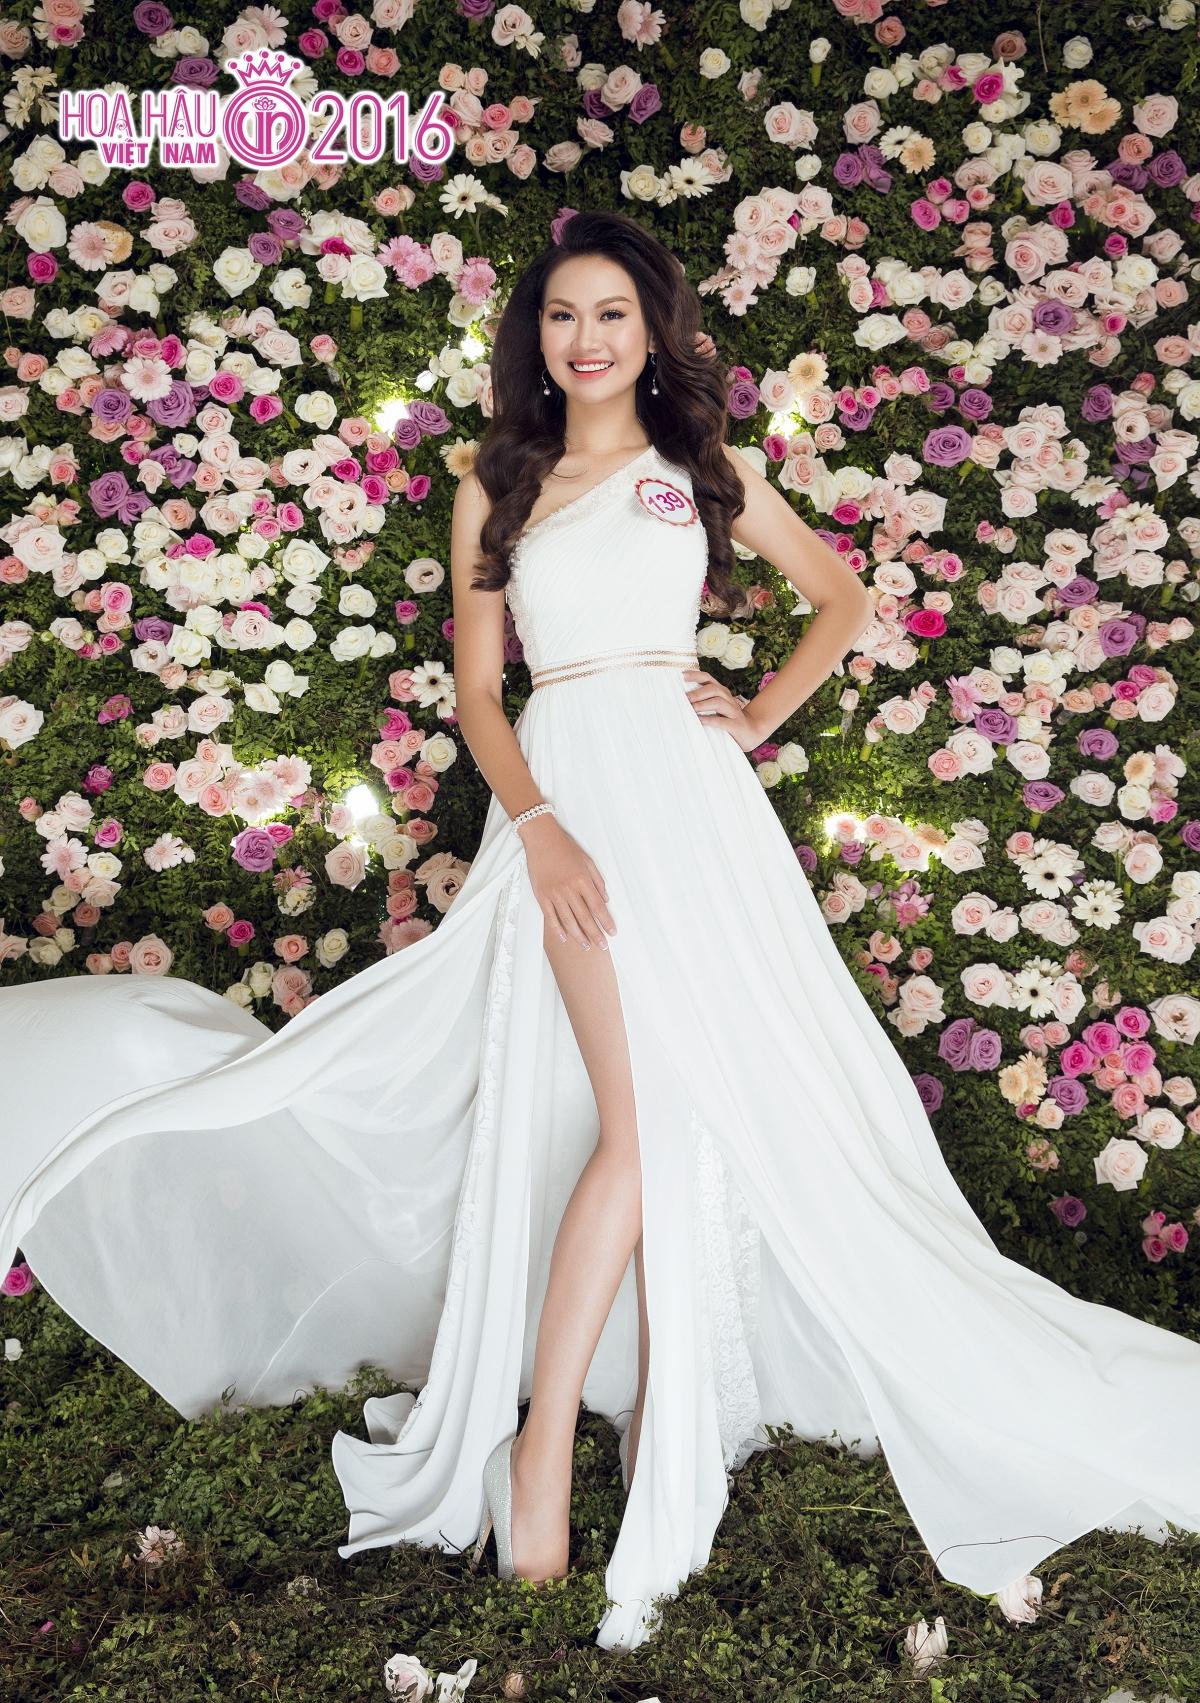 Không  chỉ đặc trưng ở một kiểu váy nhất định, các cô gái có cơ hội biến hóa trong nhiều  phom dáng, từ váy suông dài, váy đuôi cá, váy xẻ tà đến đầm xòe công chúa.